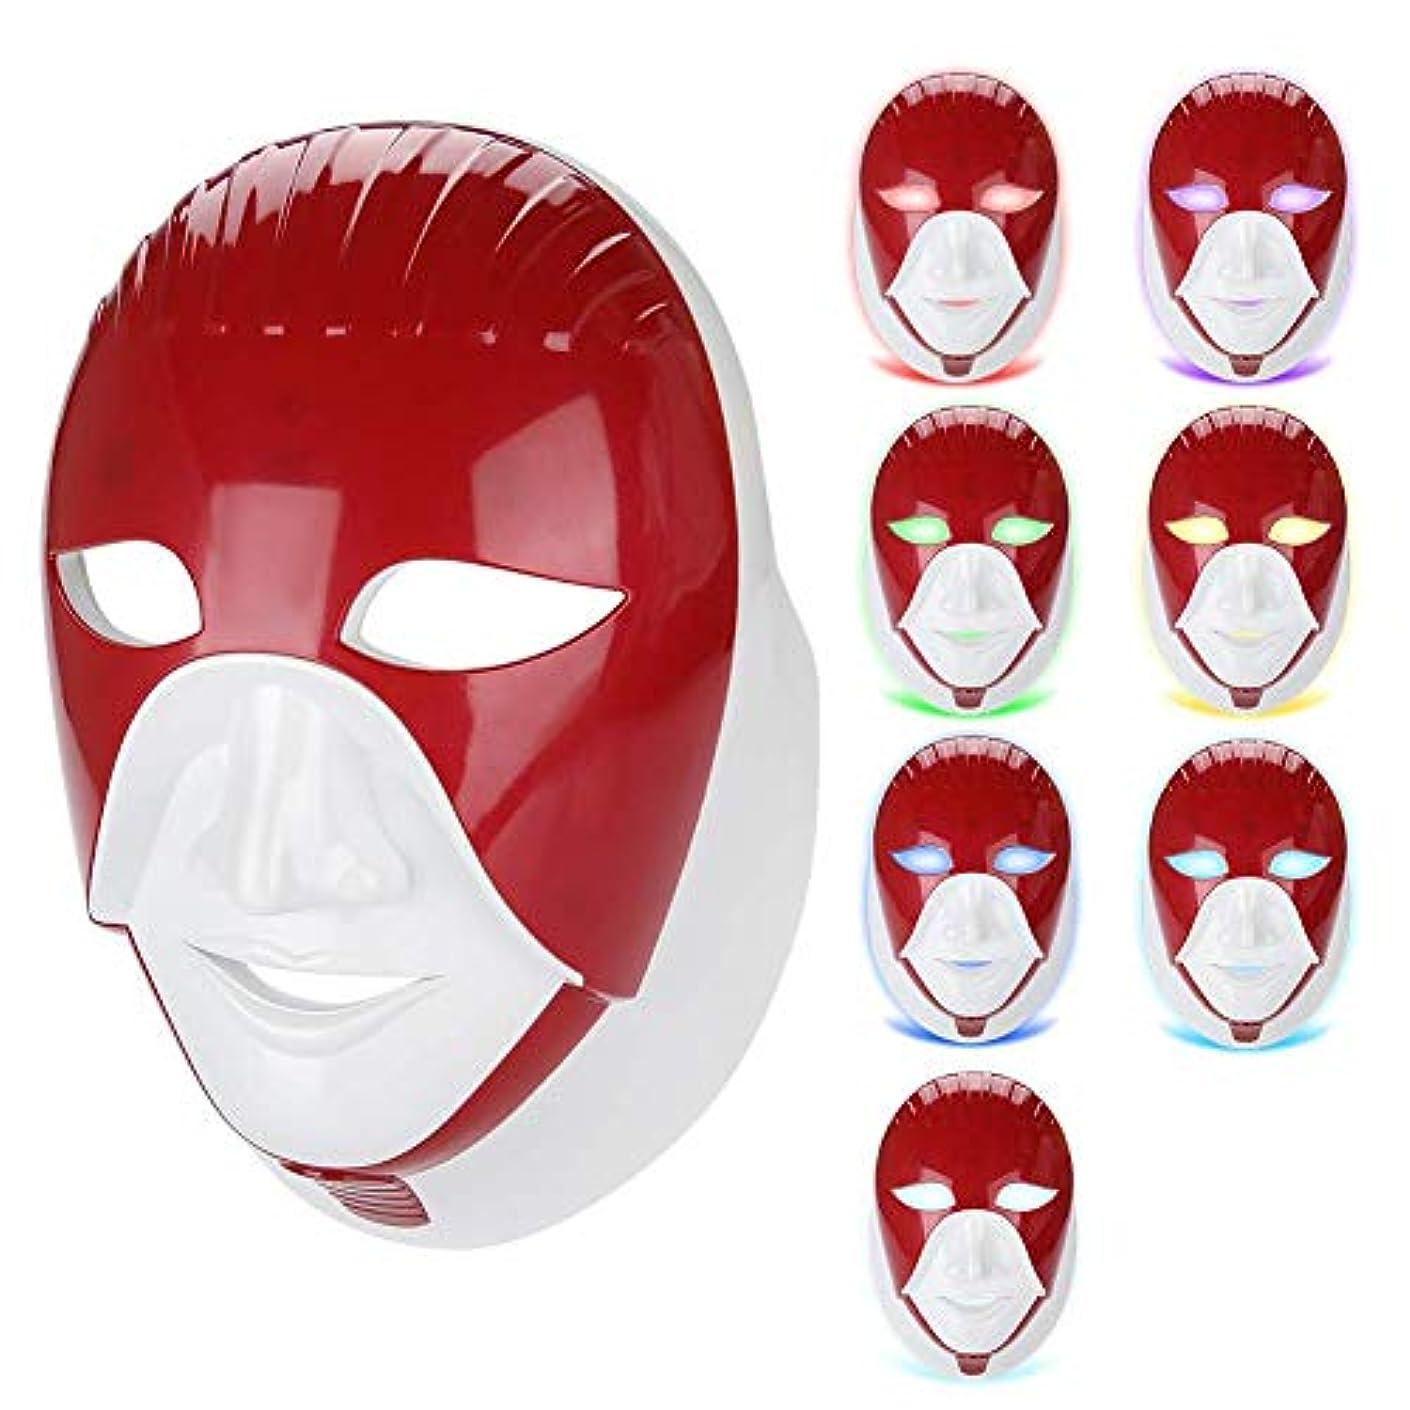 糸テクトニックぐるぐるフォトンセラピーフェイシャルネックマスクアンチリンクルスキンリジュビネーション7色美容機器美容マスク(アルミボックス)